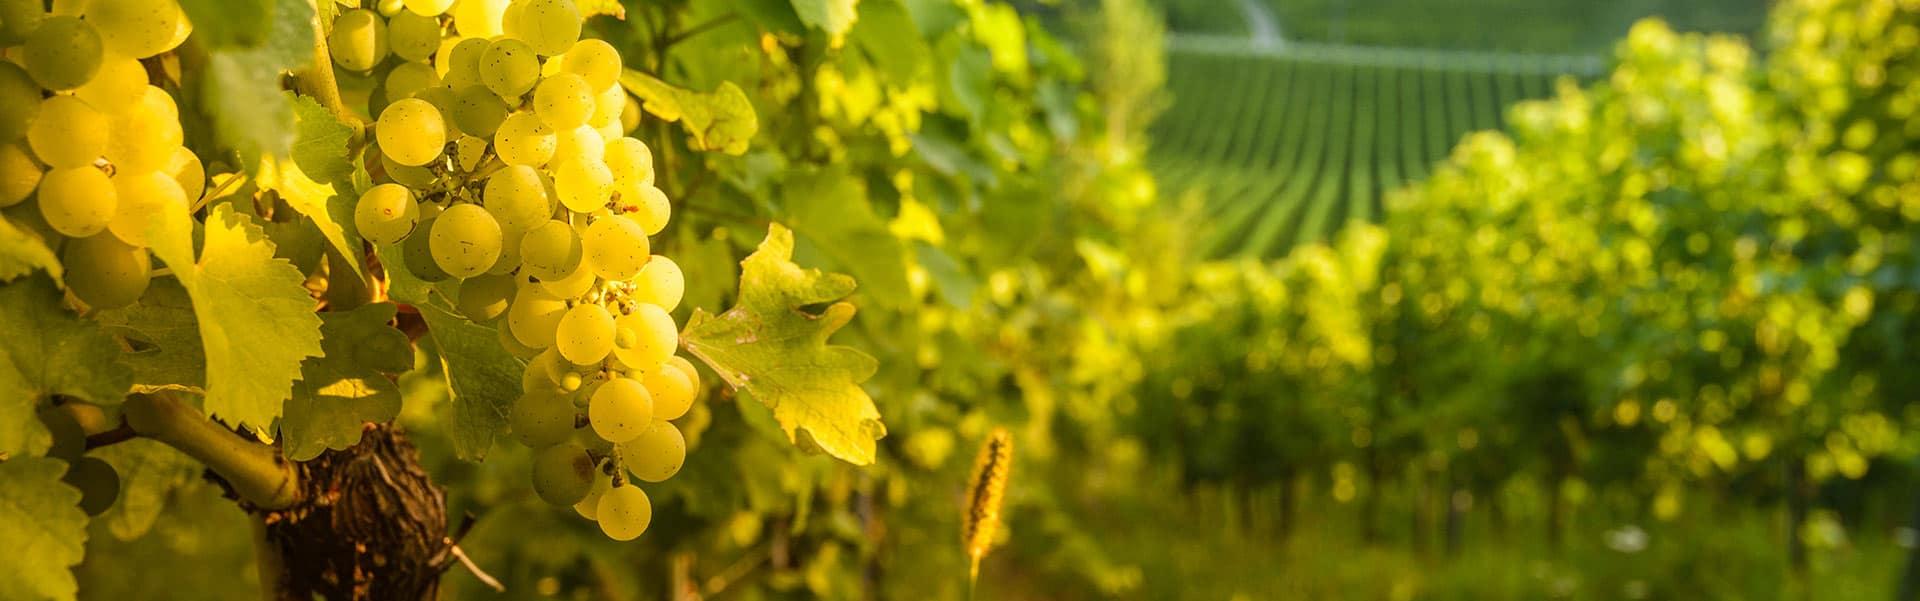 Weinkellerei Meraner Weingut Richard Stierschneider